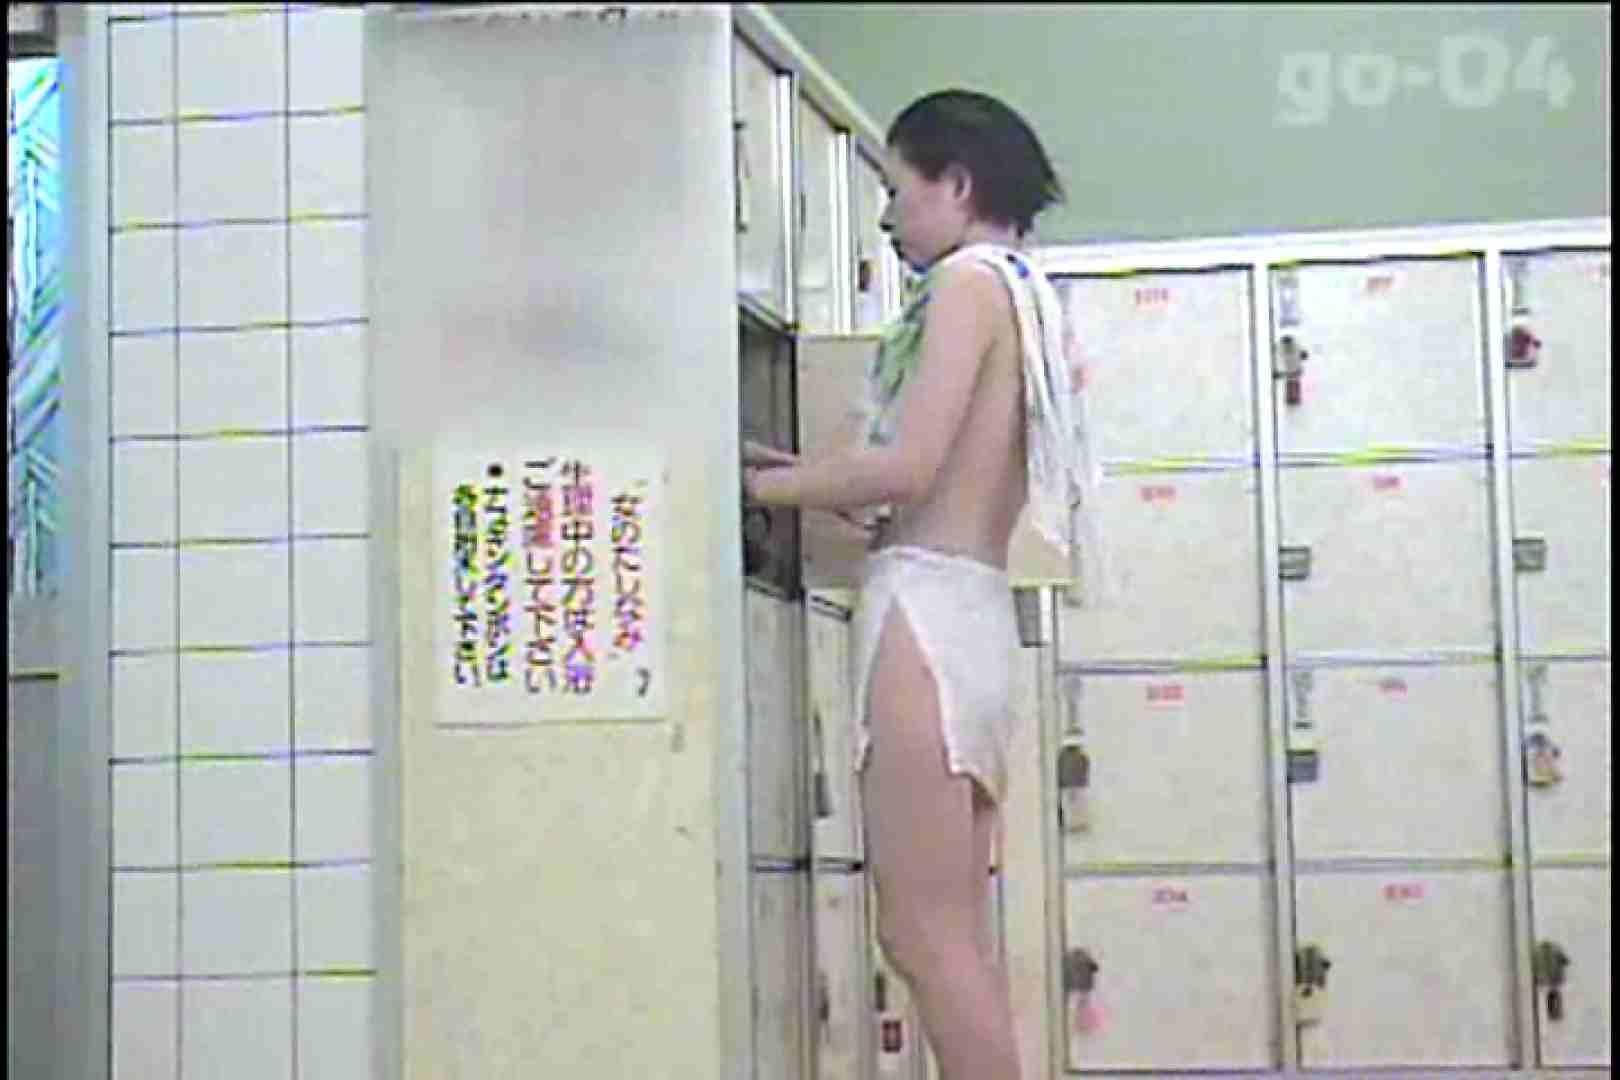 電波カメラ設置浴場からの防HAN映像 Vol.04 アラ40 ワレメ無修正動画無料 100枚 19